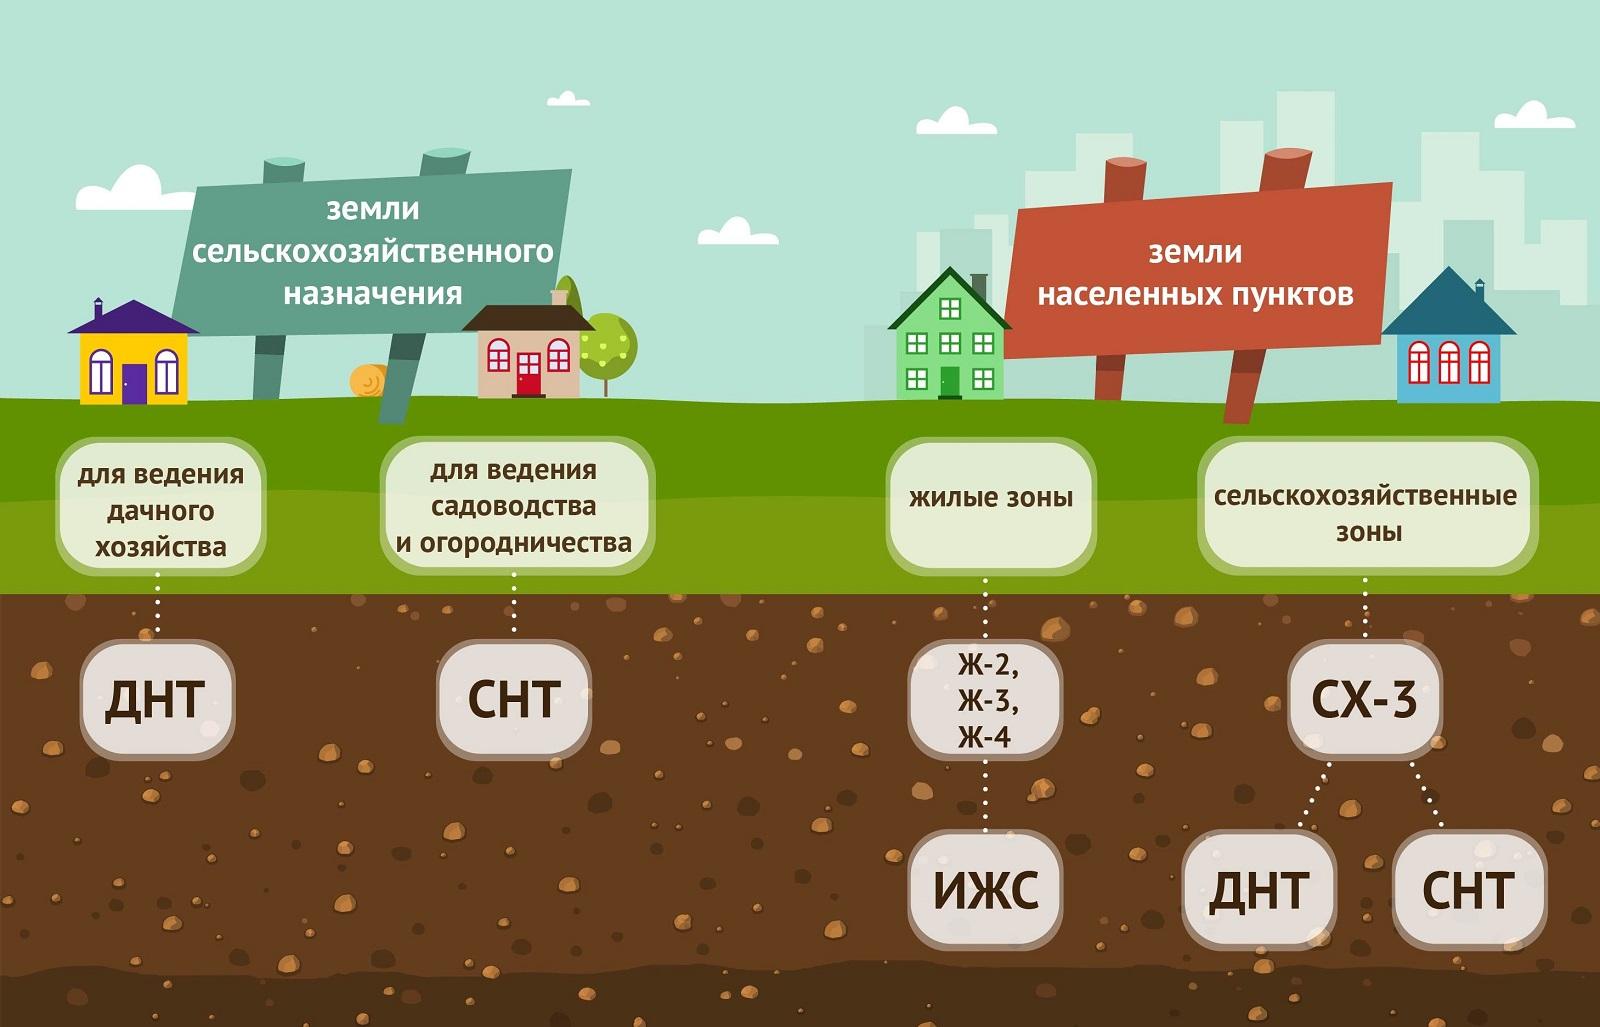 Новые законы для садоводов: важнейшие изменения дачного сезона 2021. Дачная онистия продлена, что нужно знать. Комплексные кадастровые работы для дачников.